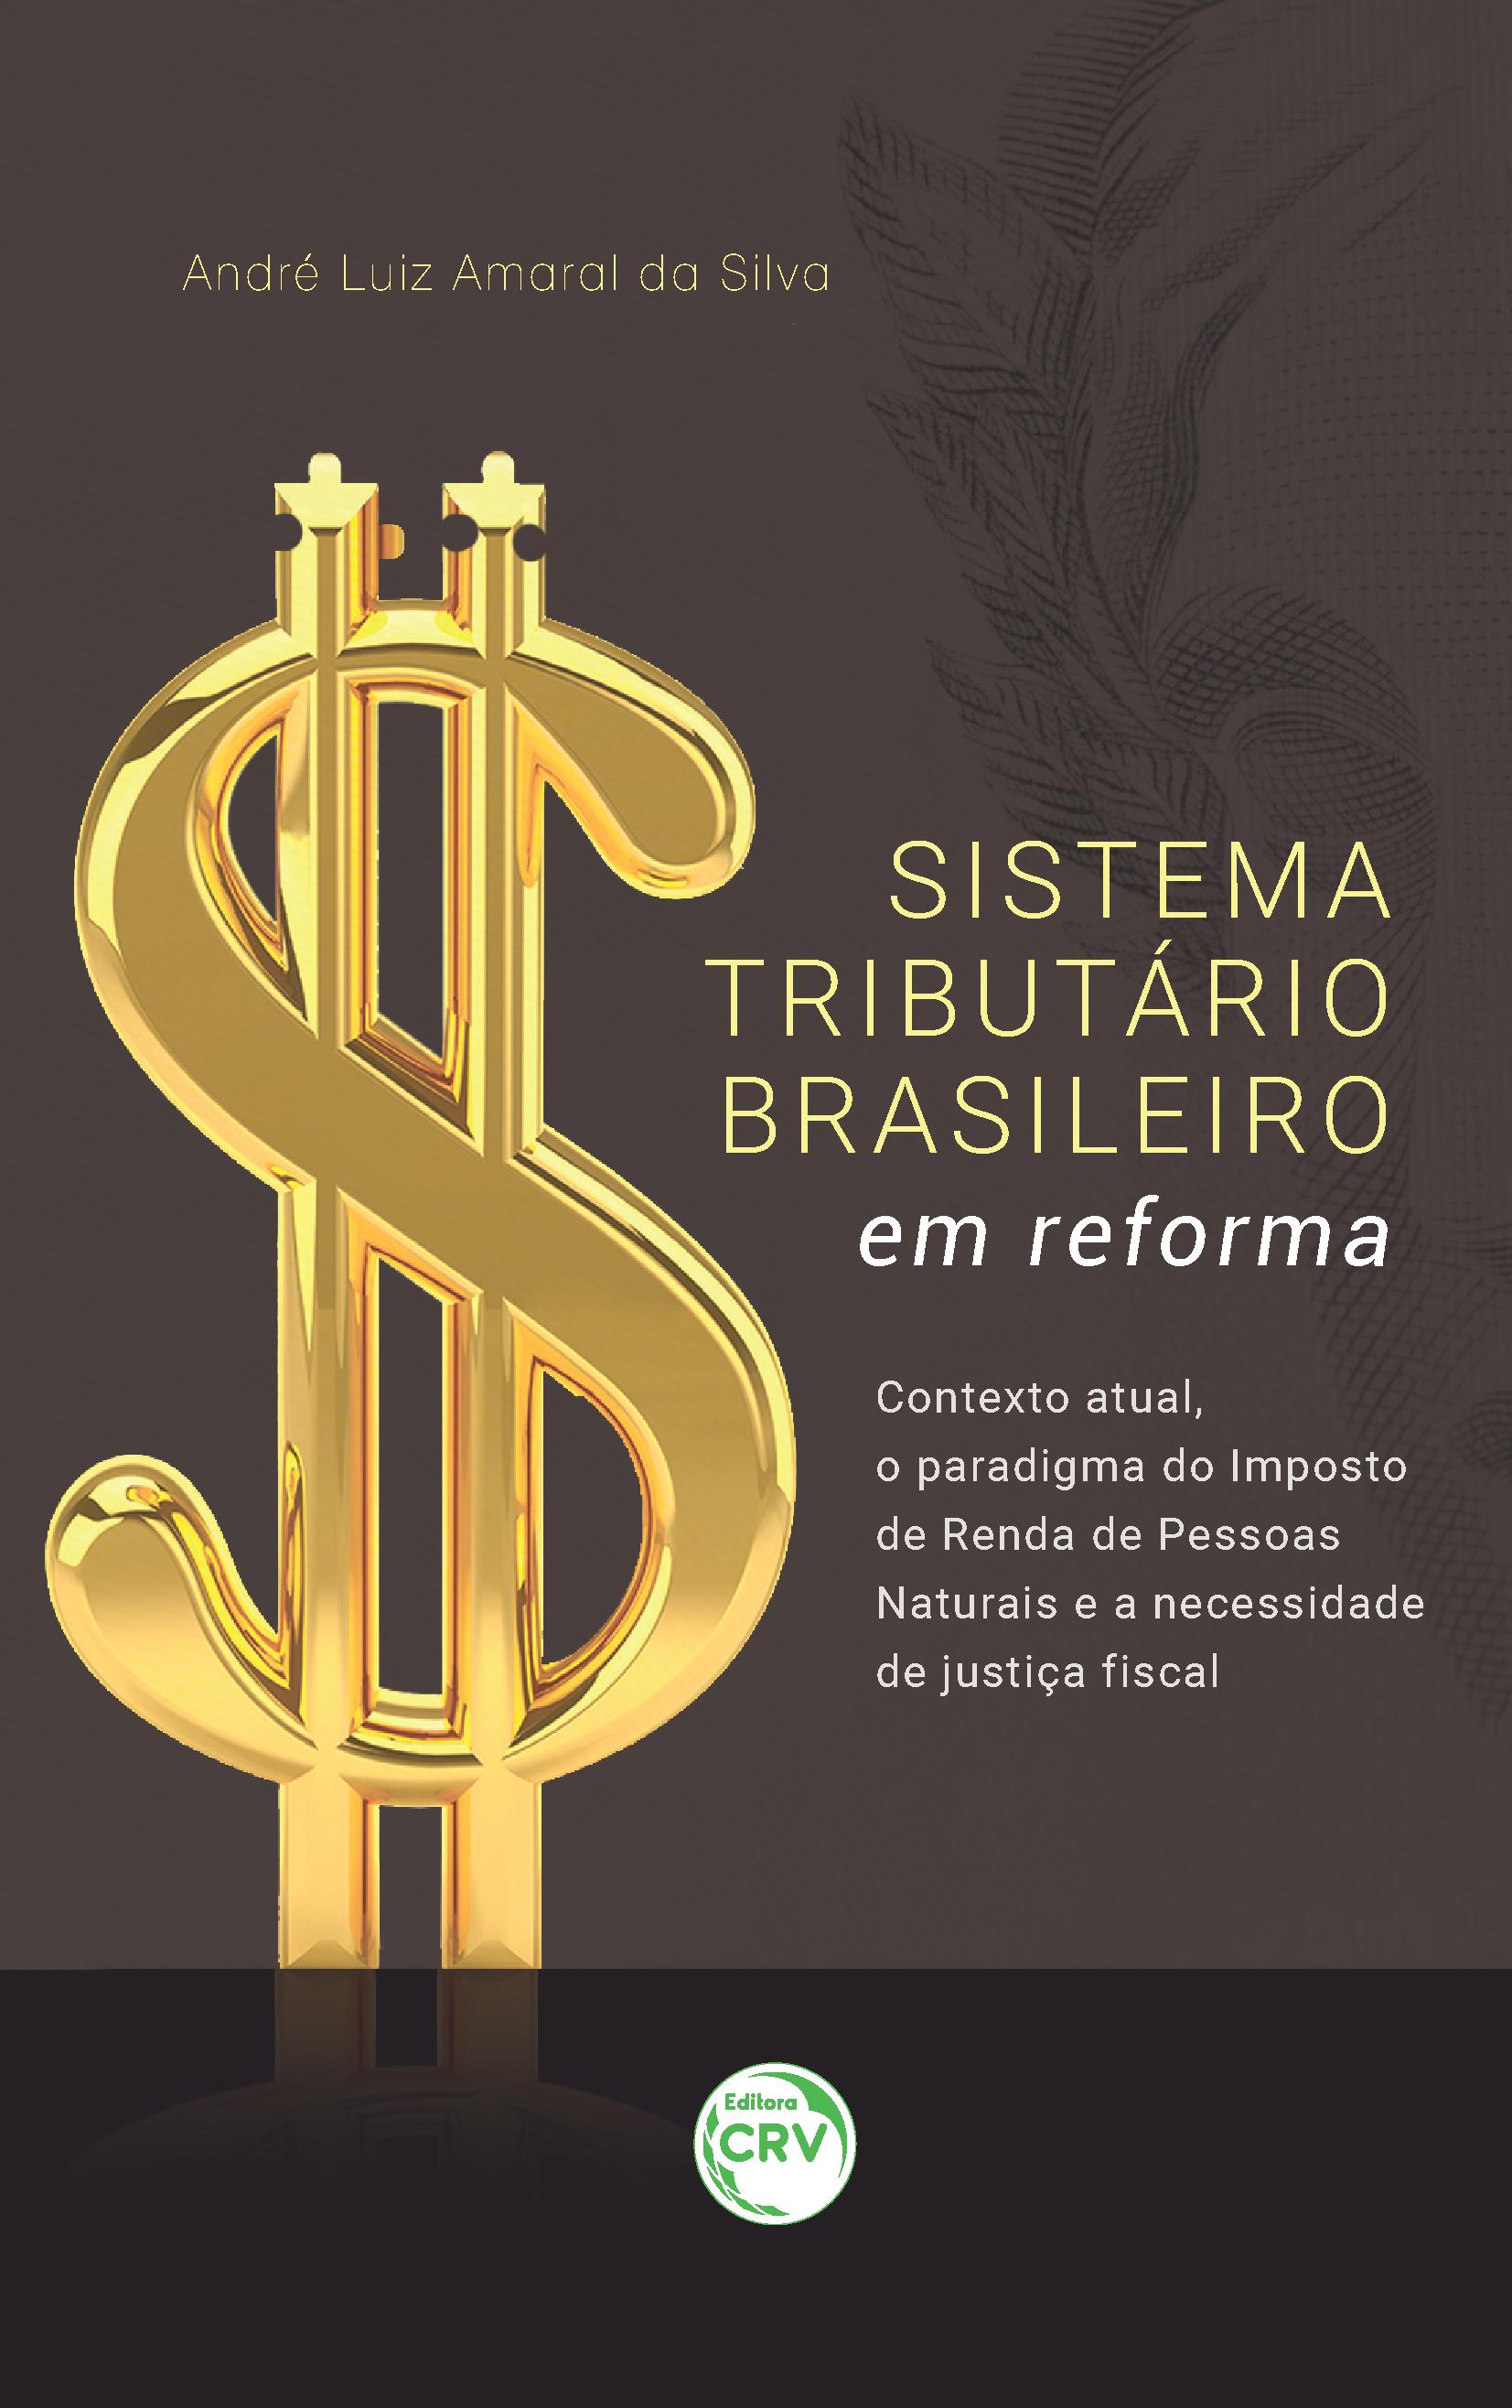 Capa do livro: SISTEMA TRIBUTÁRIO BRASILEIRO EM REFORMA:<br> contexto atual, o paradigma do Imposto de Renda de Pessoas Naturais e a necessidade de justiça fiscal